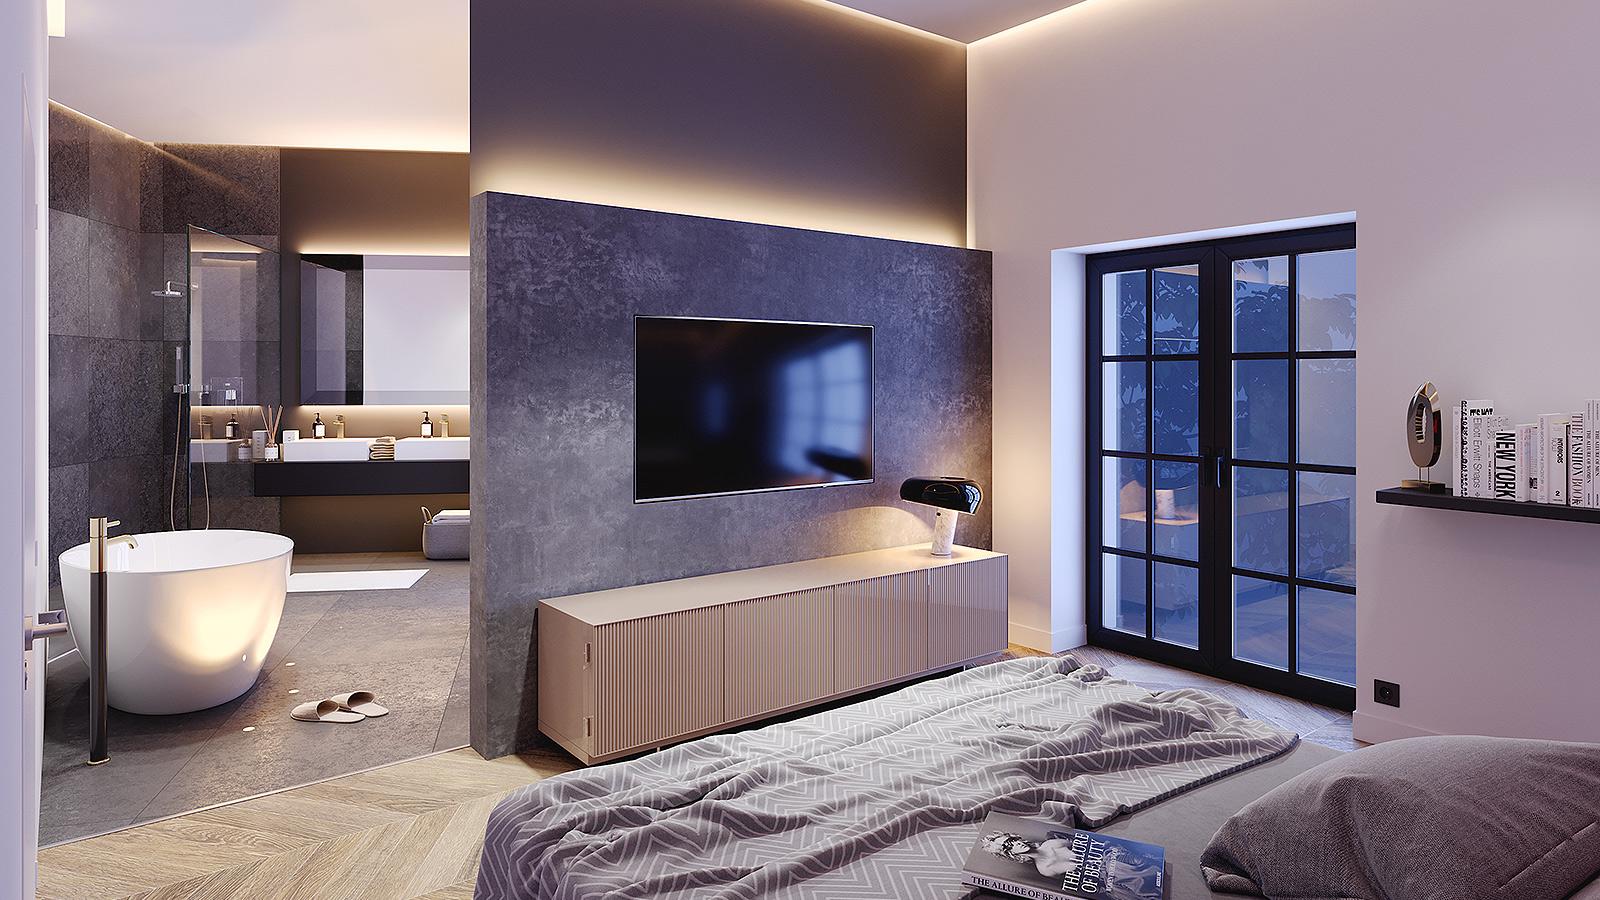 Architekturvisualisierung Schlafzimmer